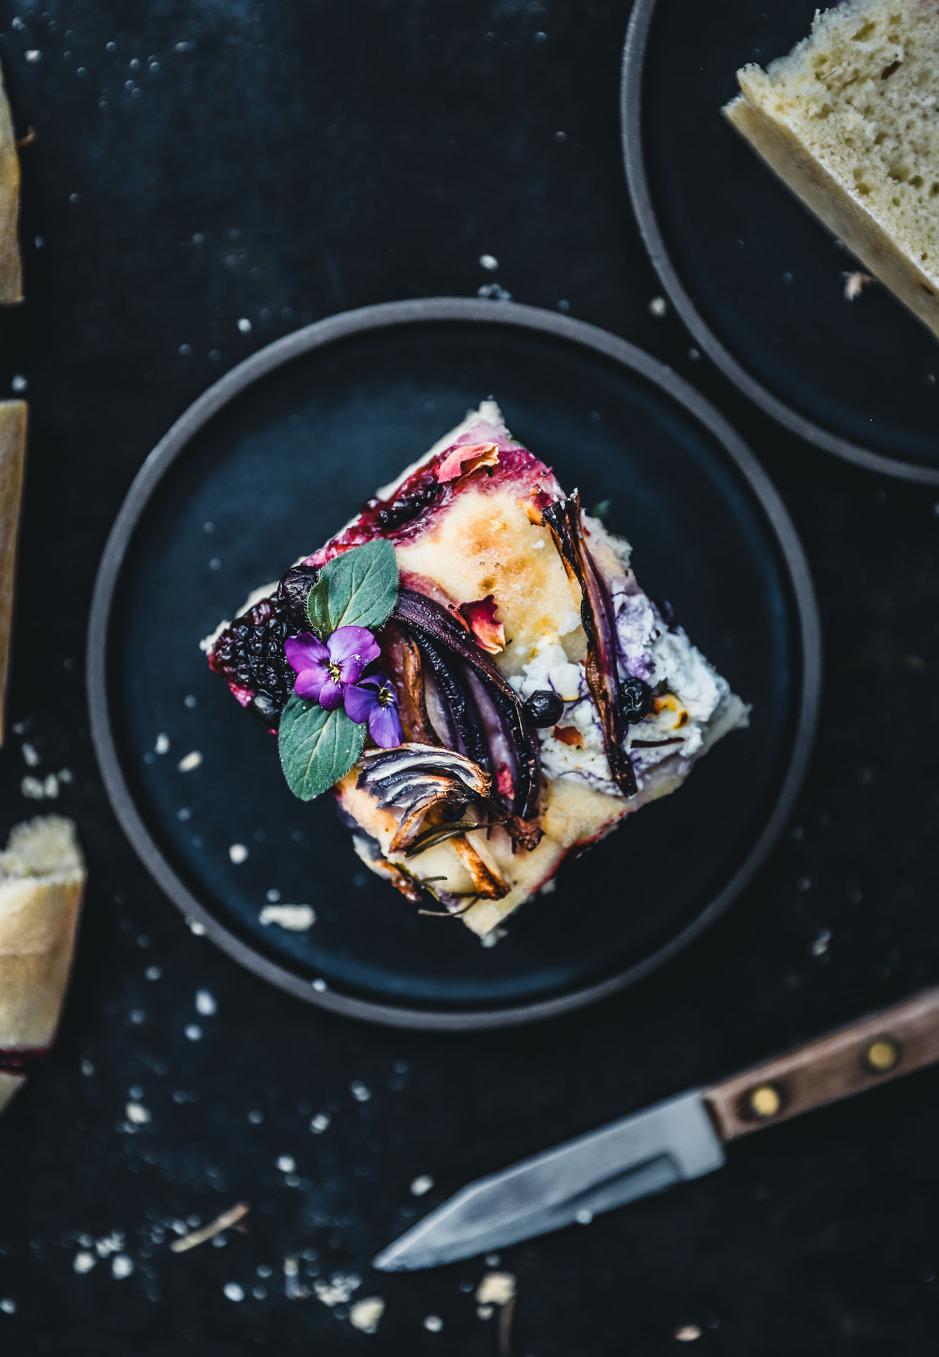 Das Rezept für Rhabarer-Streuselkuchen stammt von meiner Oma.